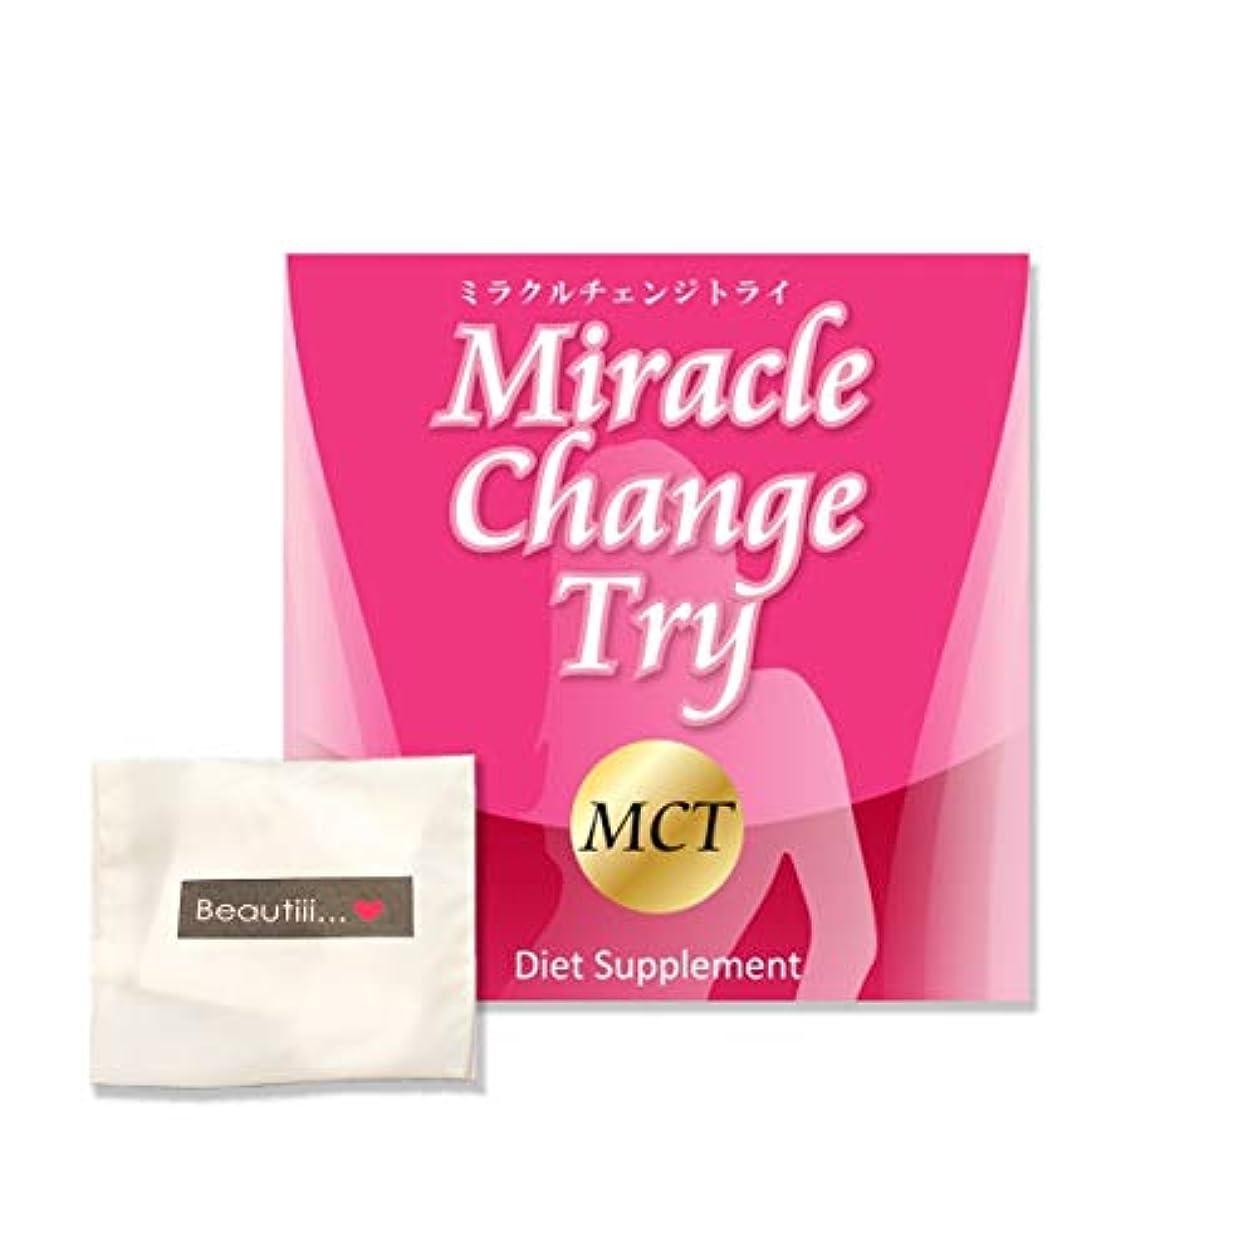 説明する経験的想像力豊かなBeautiiiセット & Miracle Change Try ミラクルチェンジトライ 60粒【ギフトセット】SNSで話題!大人気!